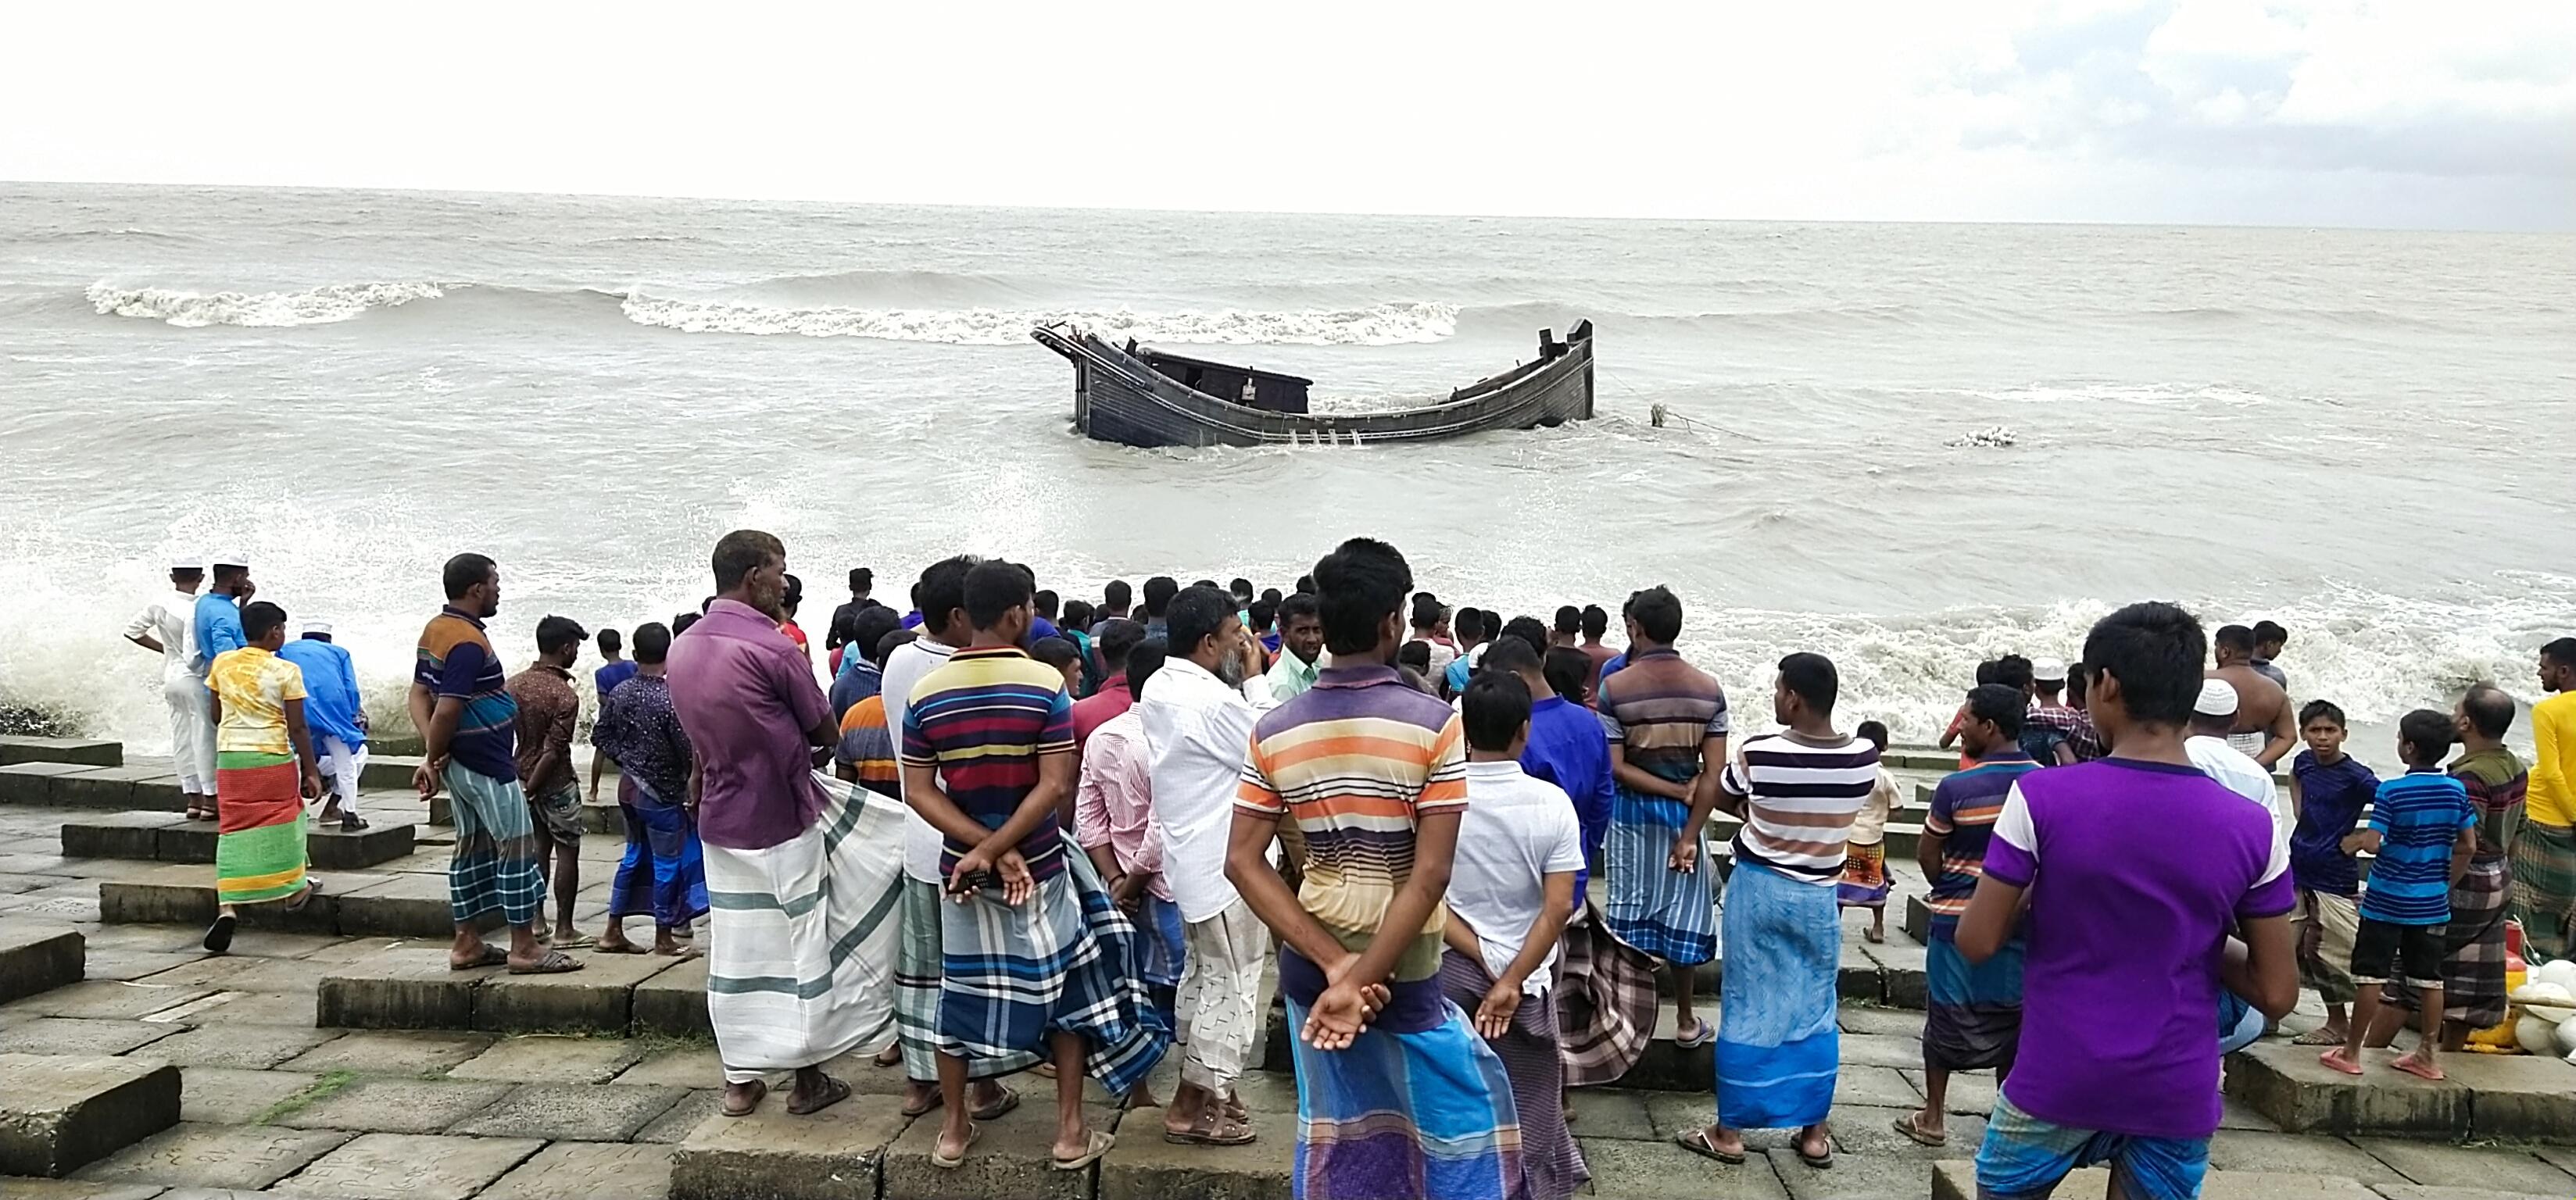 কুয়াকাটা সৈকত সংলগ্ন সমুদ্রে মাছ ধরা ট্রলার নিমজ্জিত : ১৫ জন জীবিত উদ্ধার